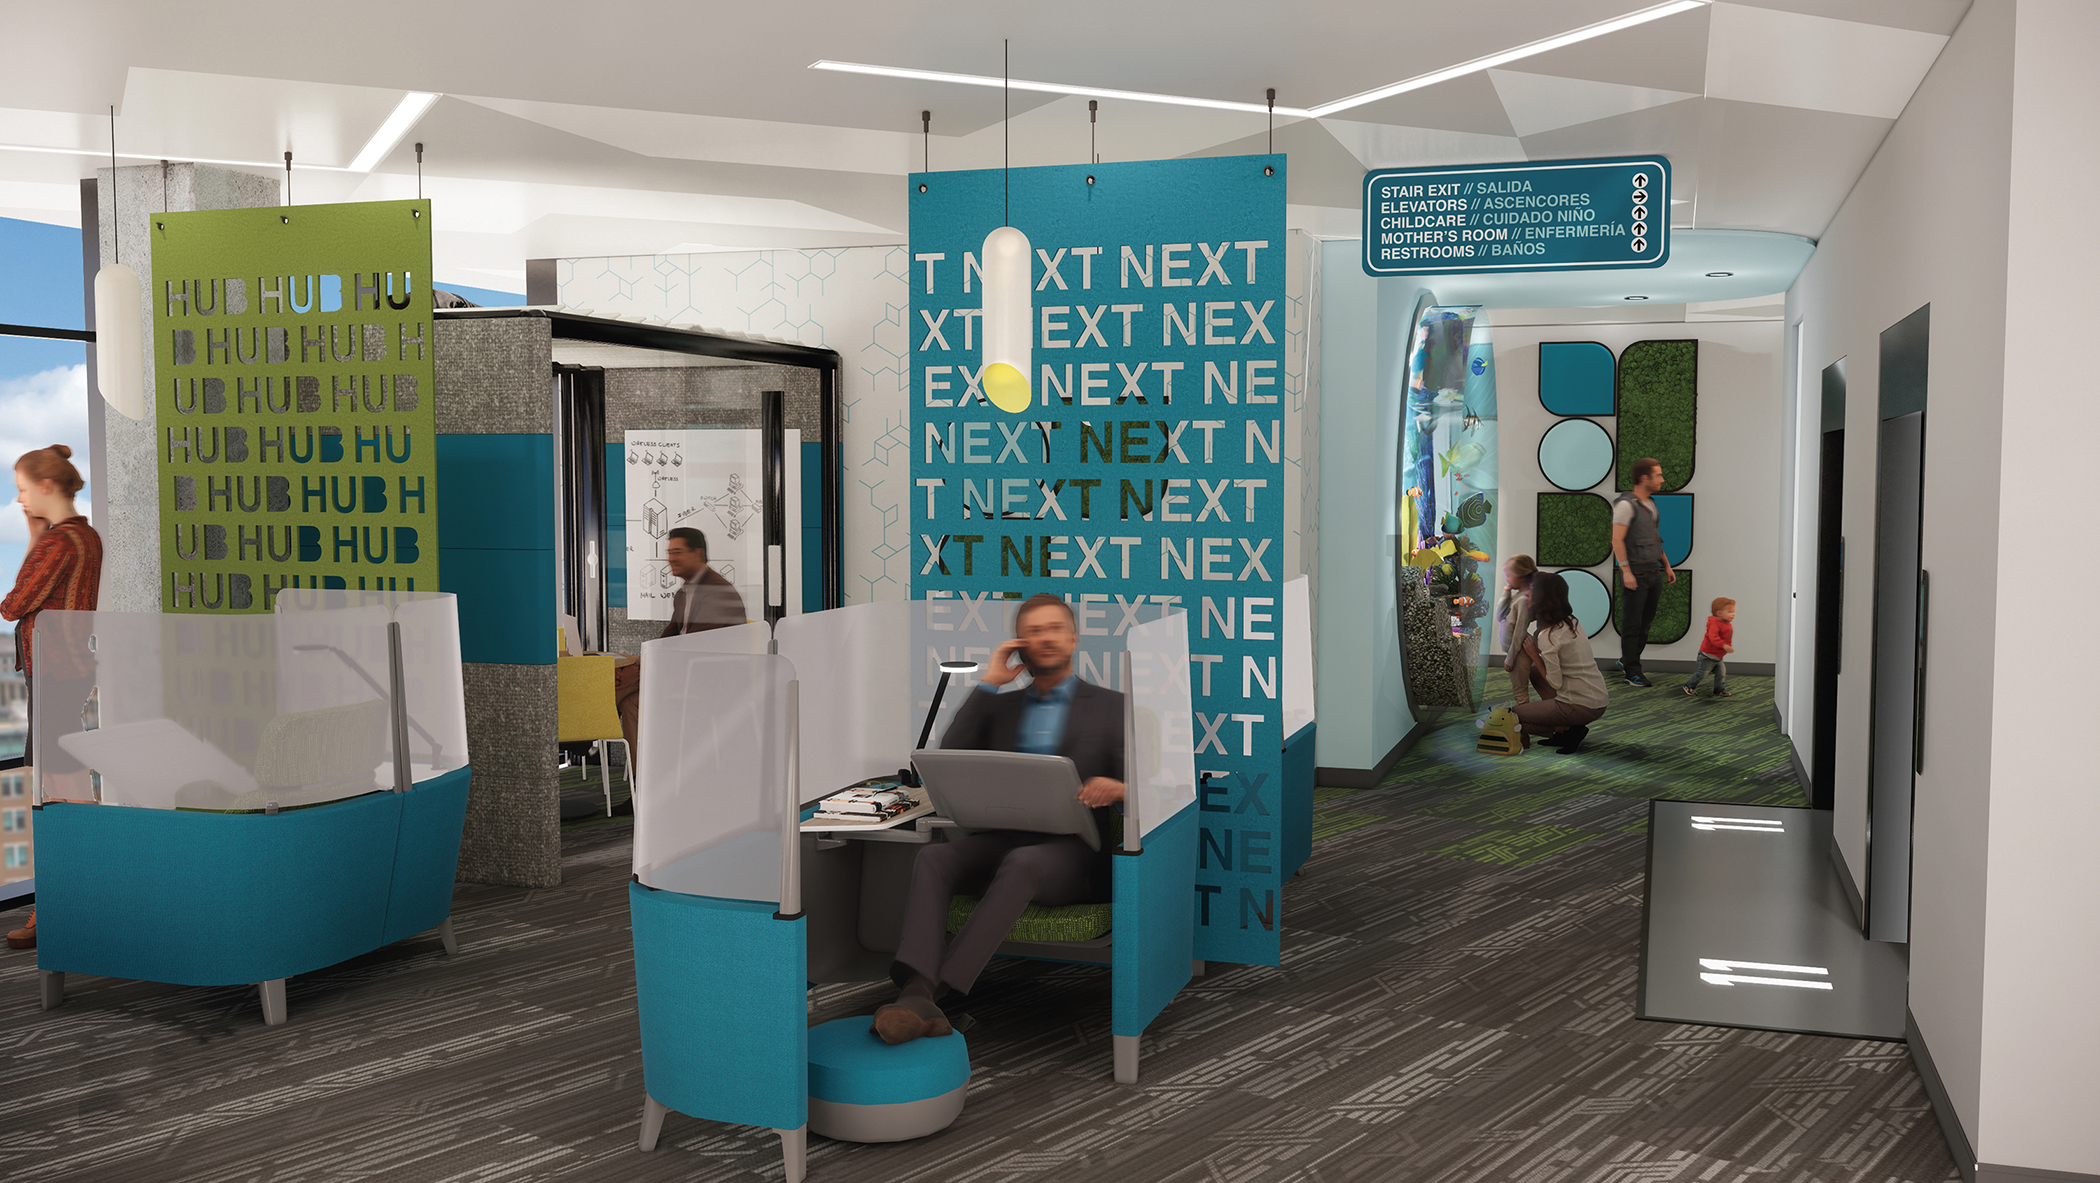 NEXT HUB Education Foyer rendering by Samantha Kragel